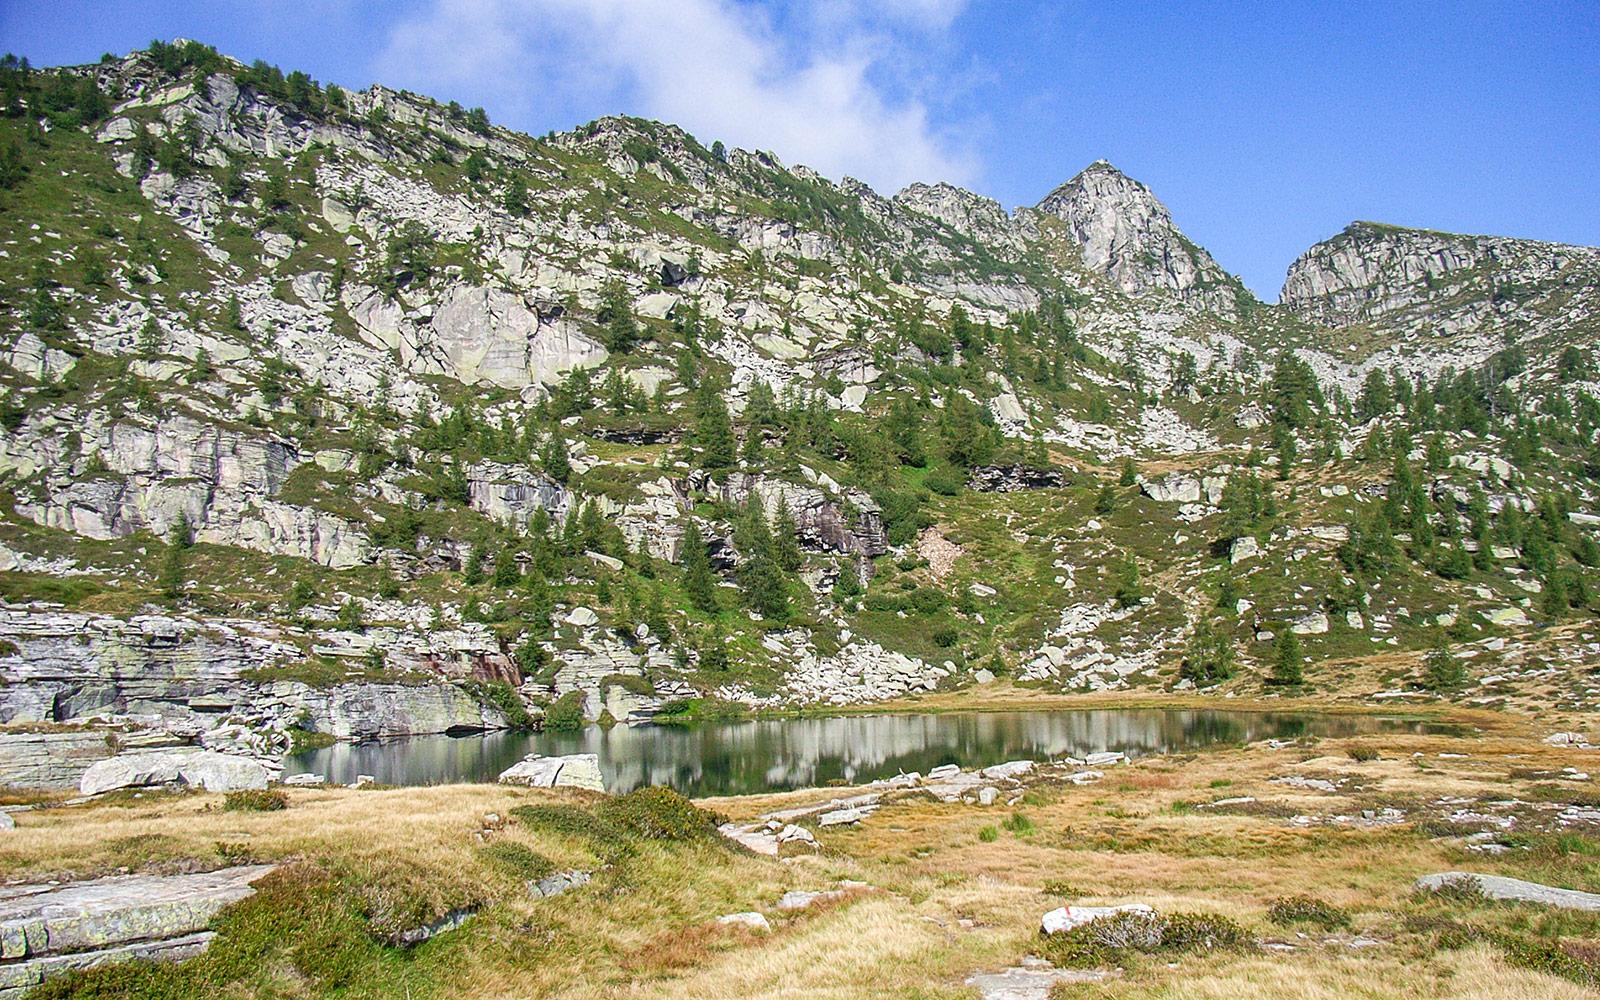 Starlaresc_Locarno-Ascona-Turismo3.jpg